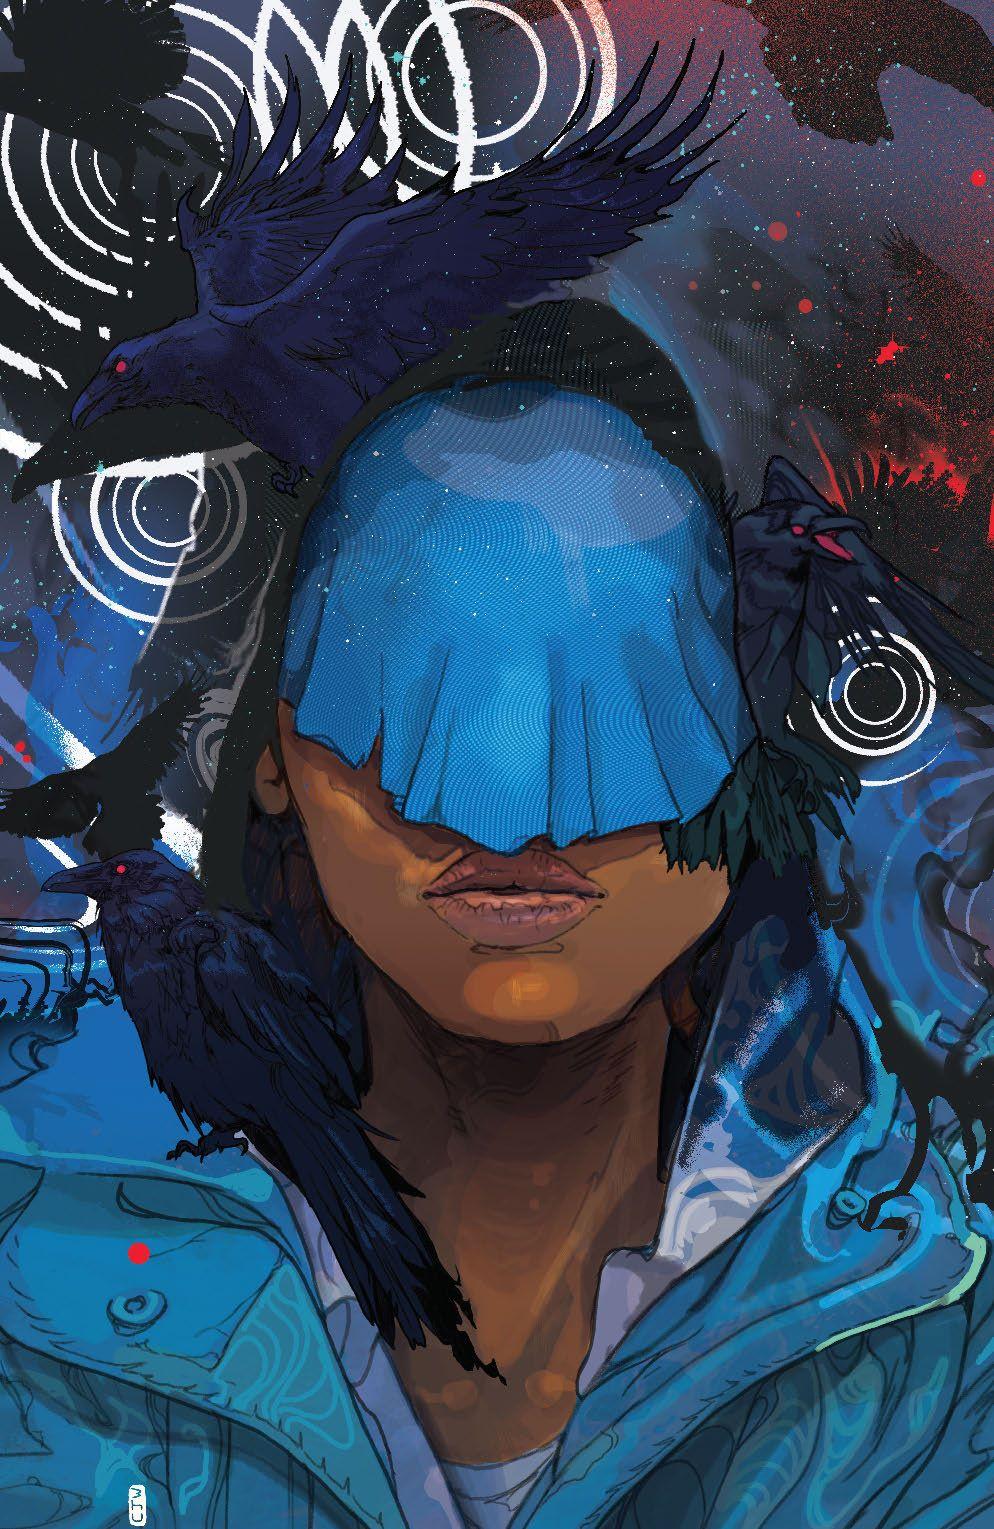 Basilisk_001_Cover_D_Variant ComicList Previews: BASILISK #1